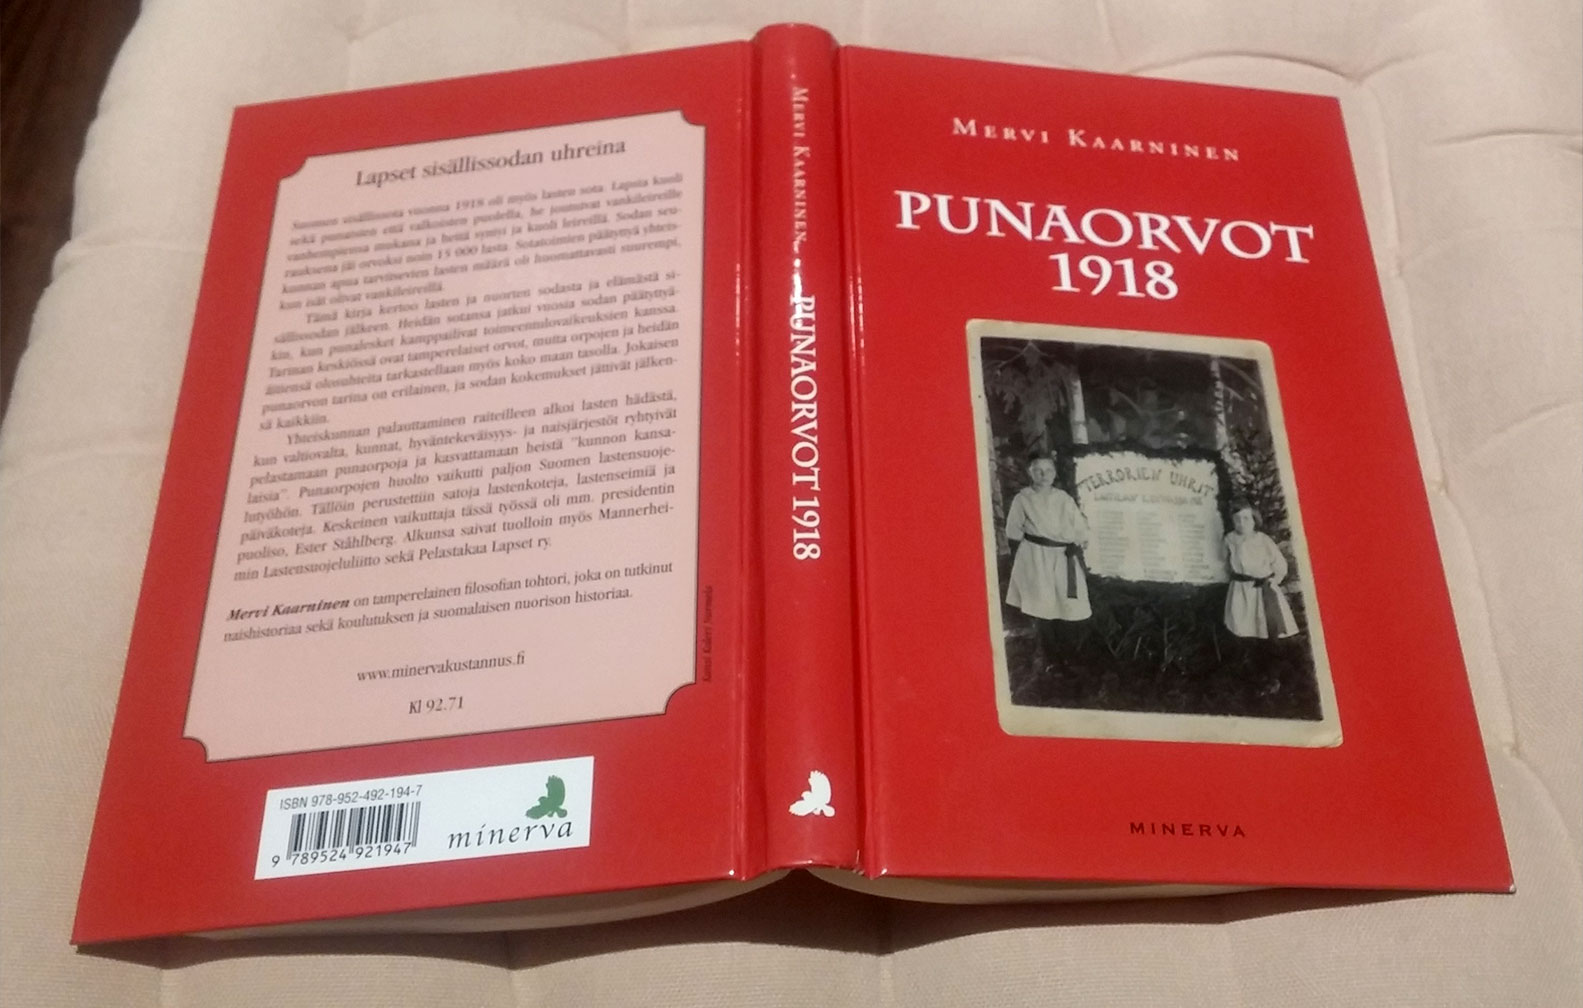 Punaorvot-1918